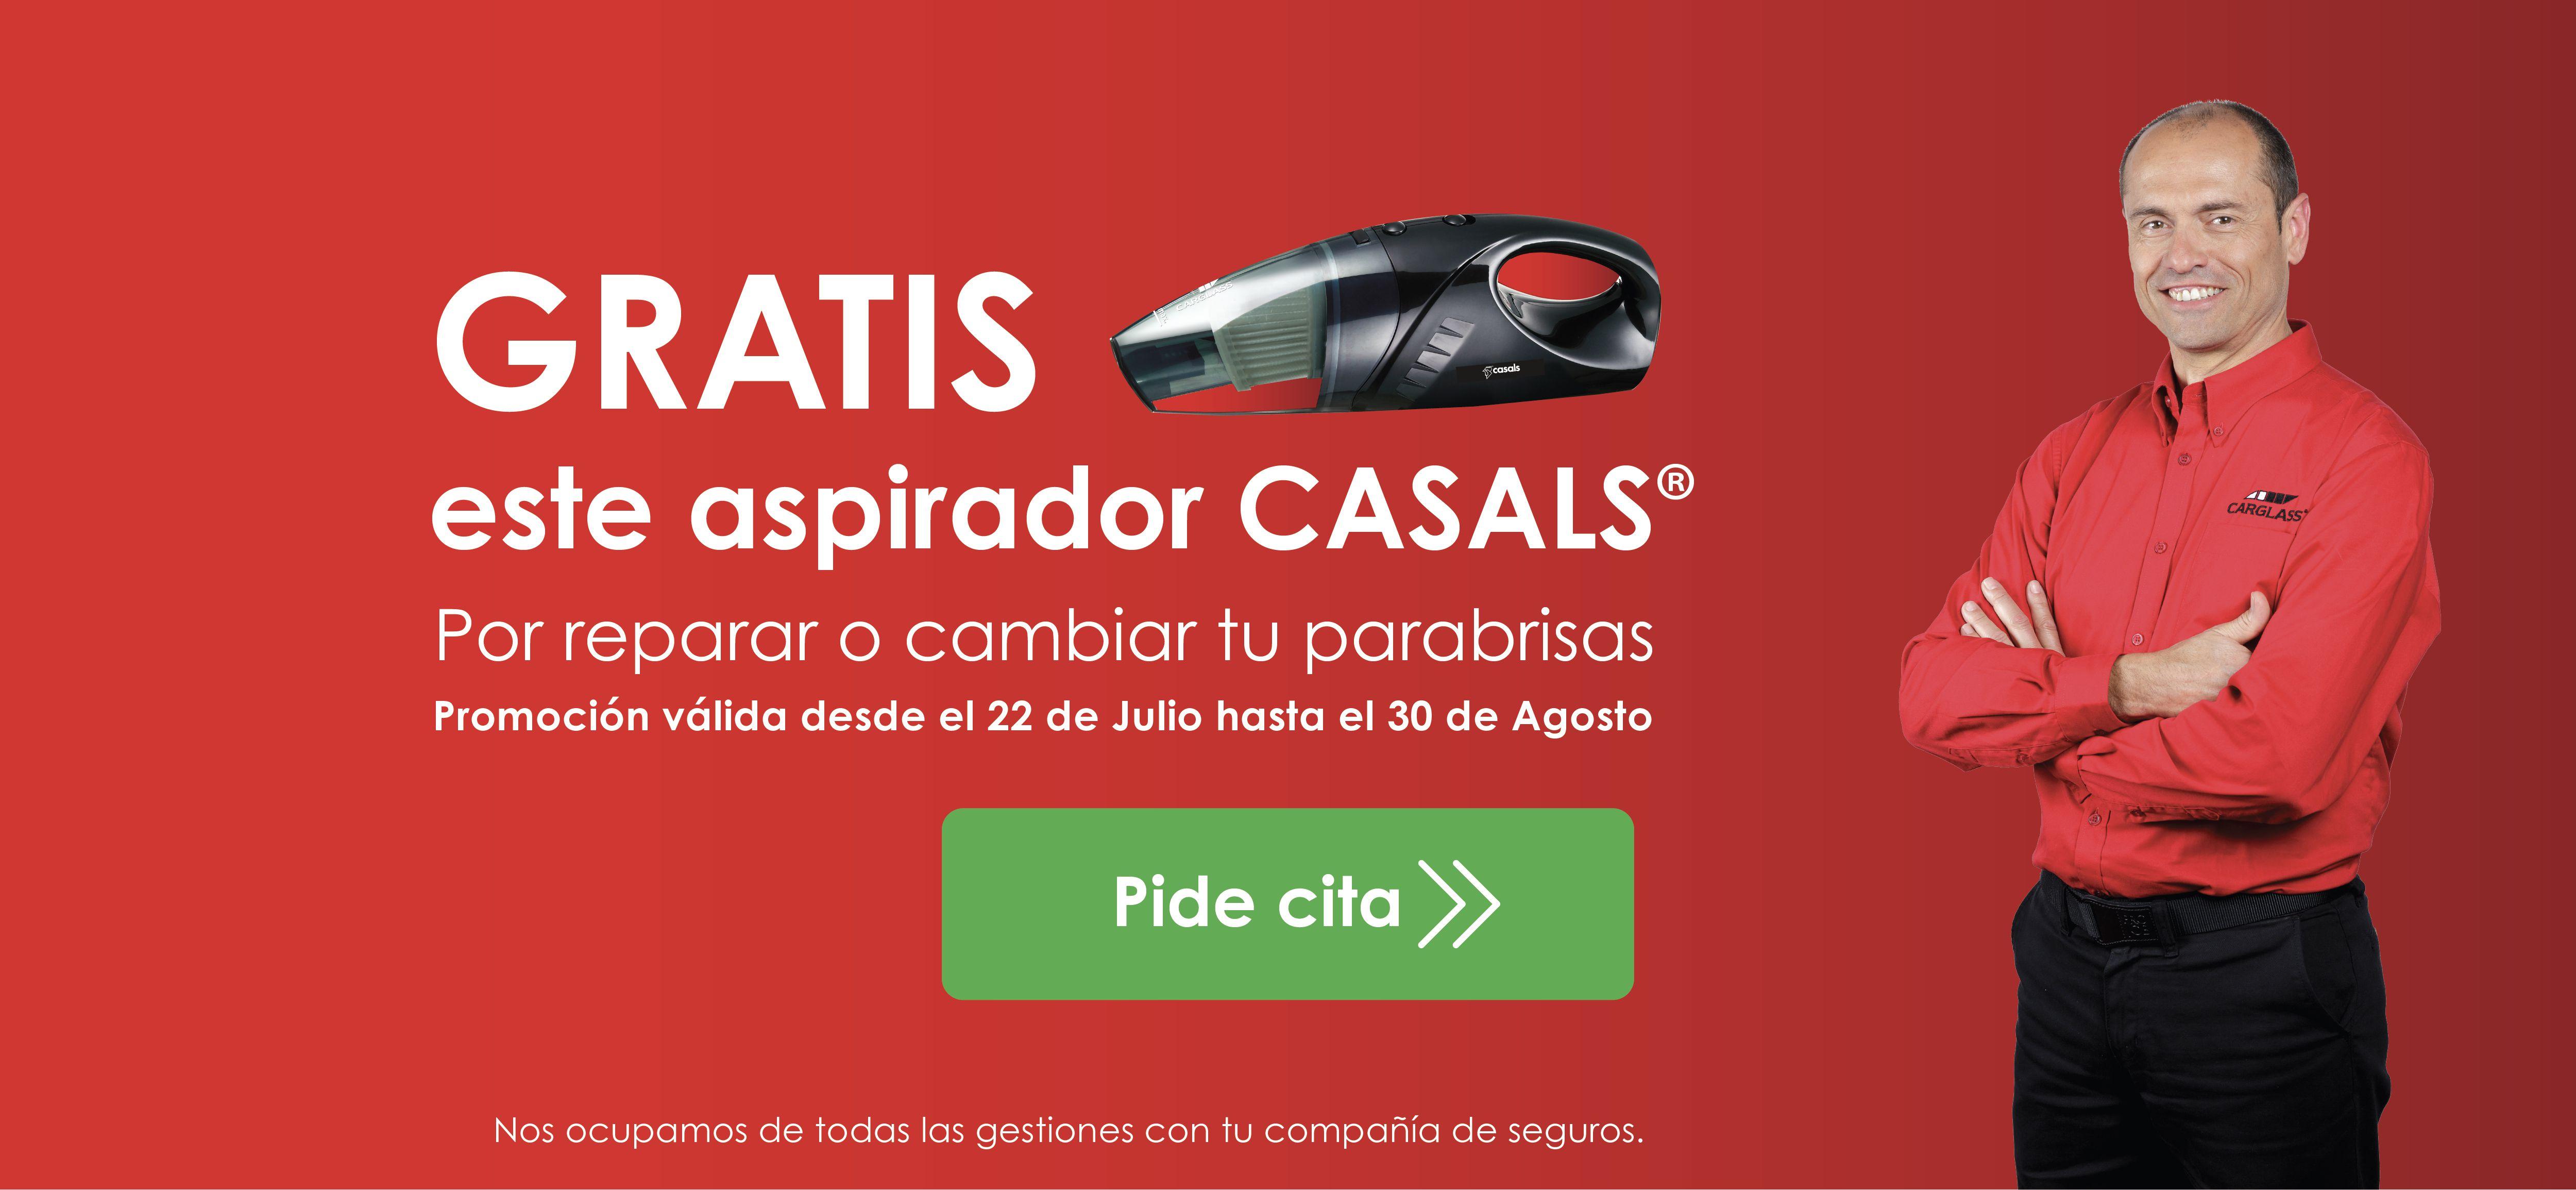 Aspirador para coche gratuito al reparar tu parabrisas (Minicomic en la descripción)